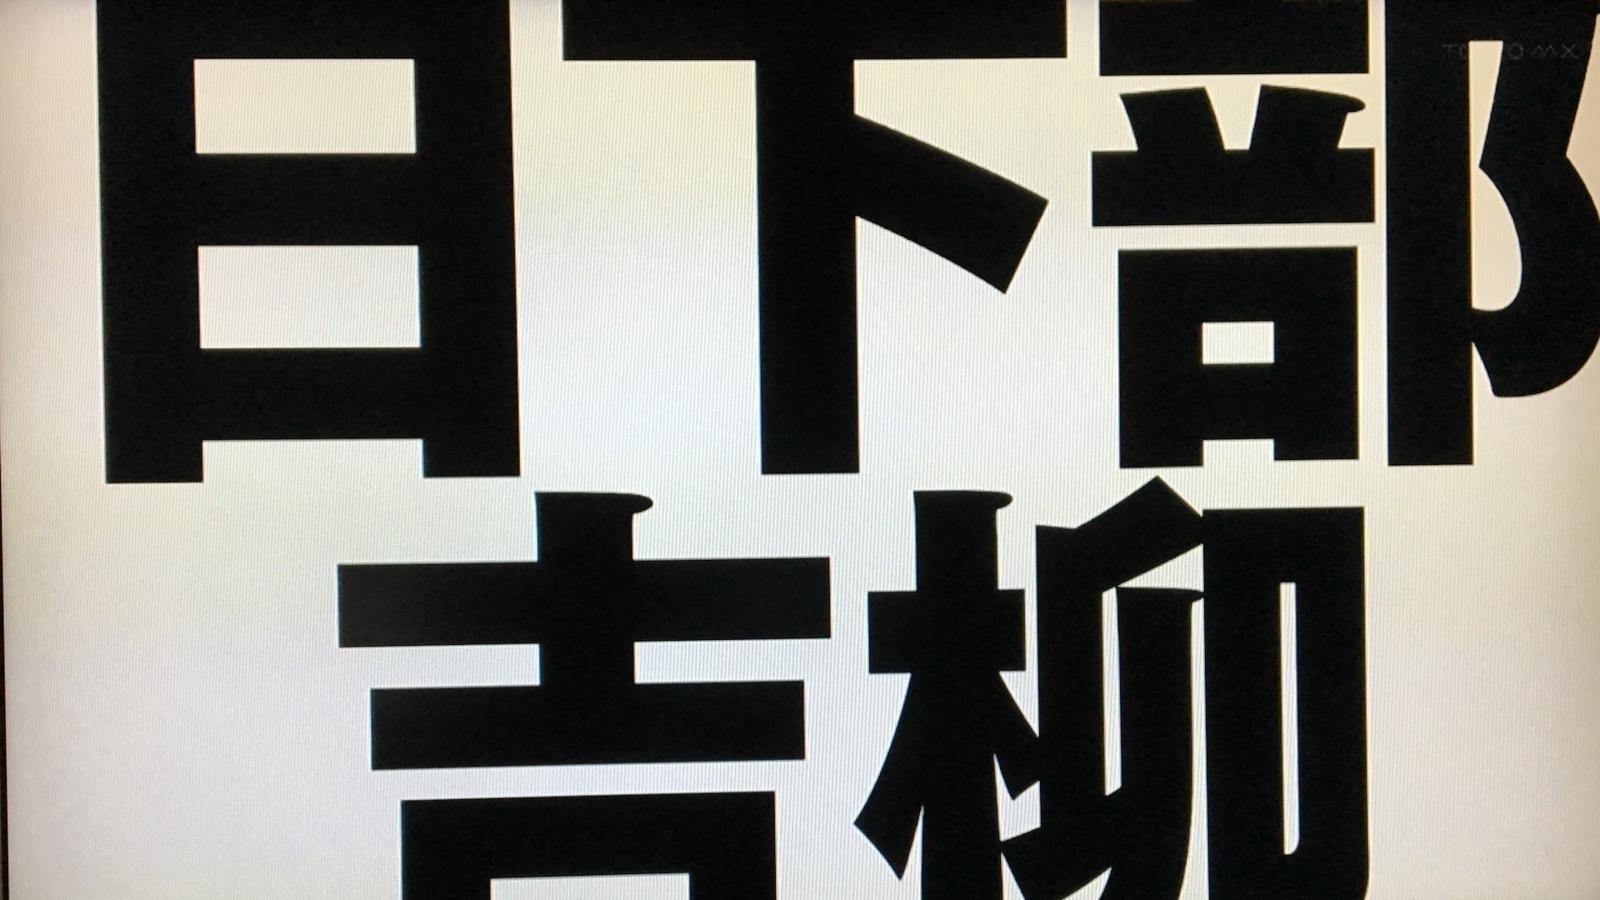 f:id:t_aki:20171118171113j:plain